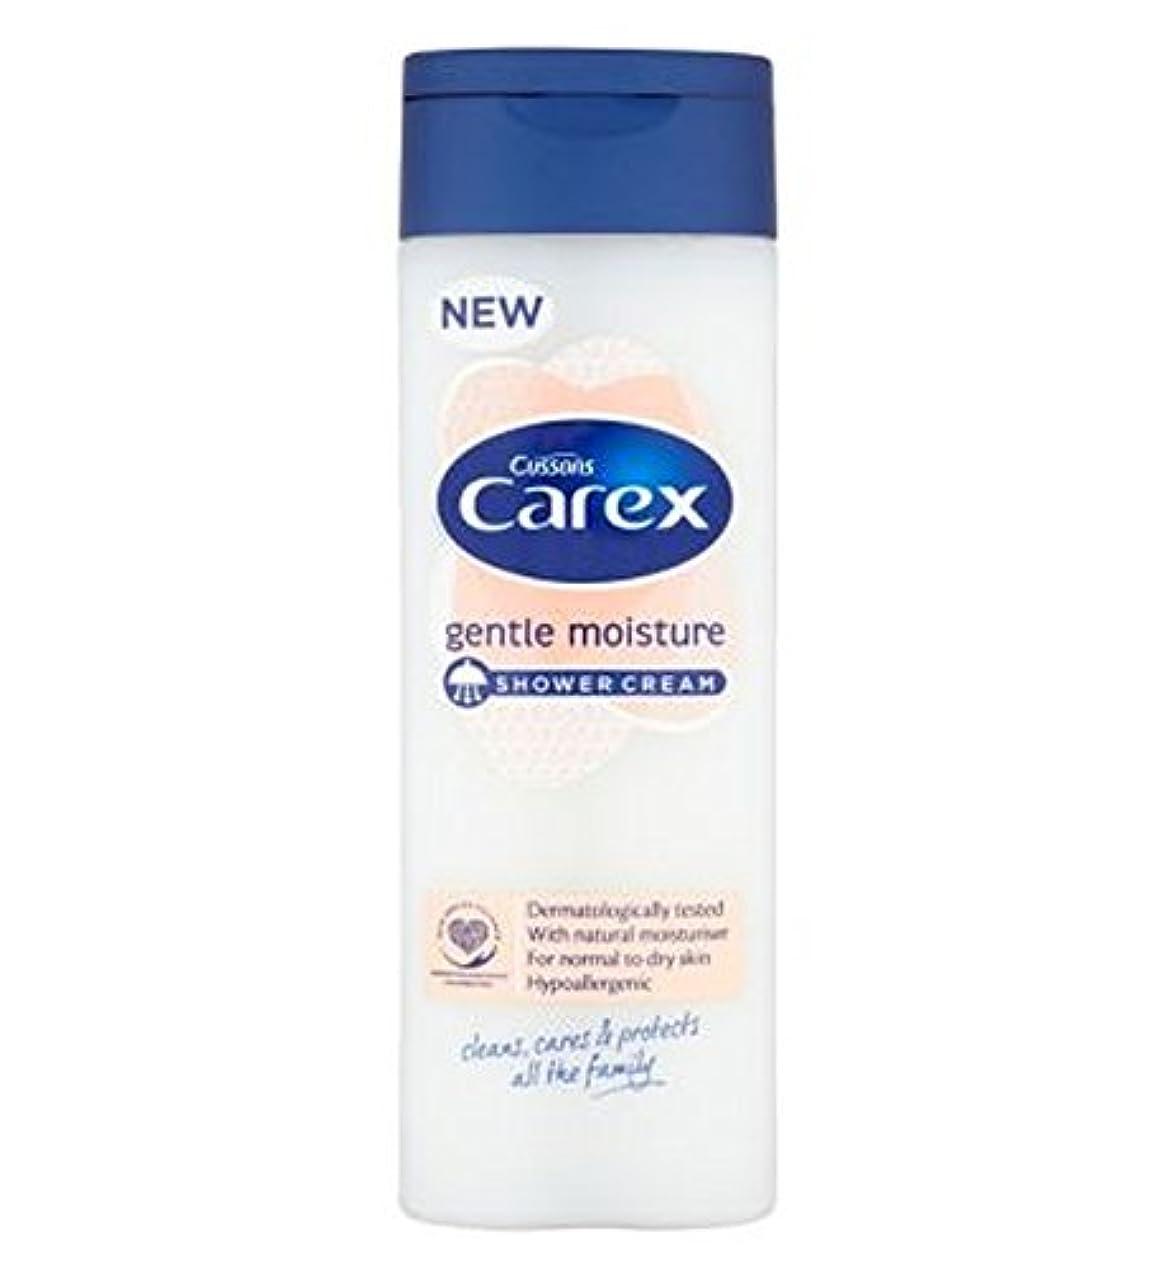 つま先地下室スペースCarex Gentle Moisture Shower Cream 250ml - スゲ属穏やかな水分シャワークリーム250ミリリットル (Carex) [並行輸入品]